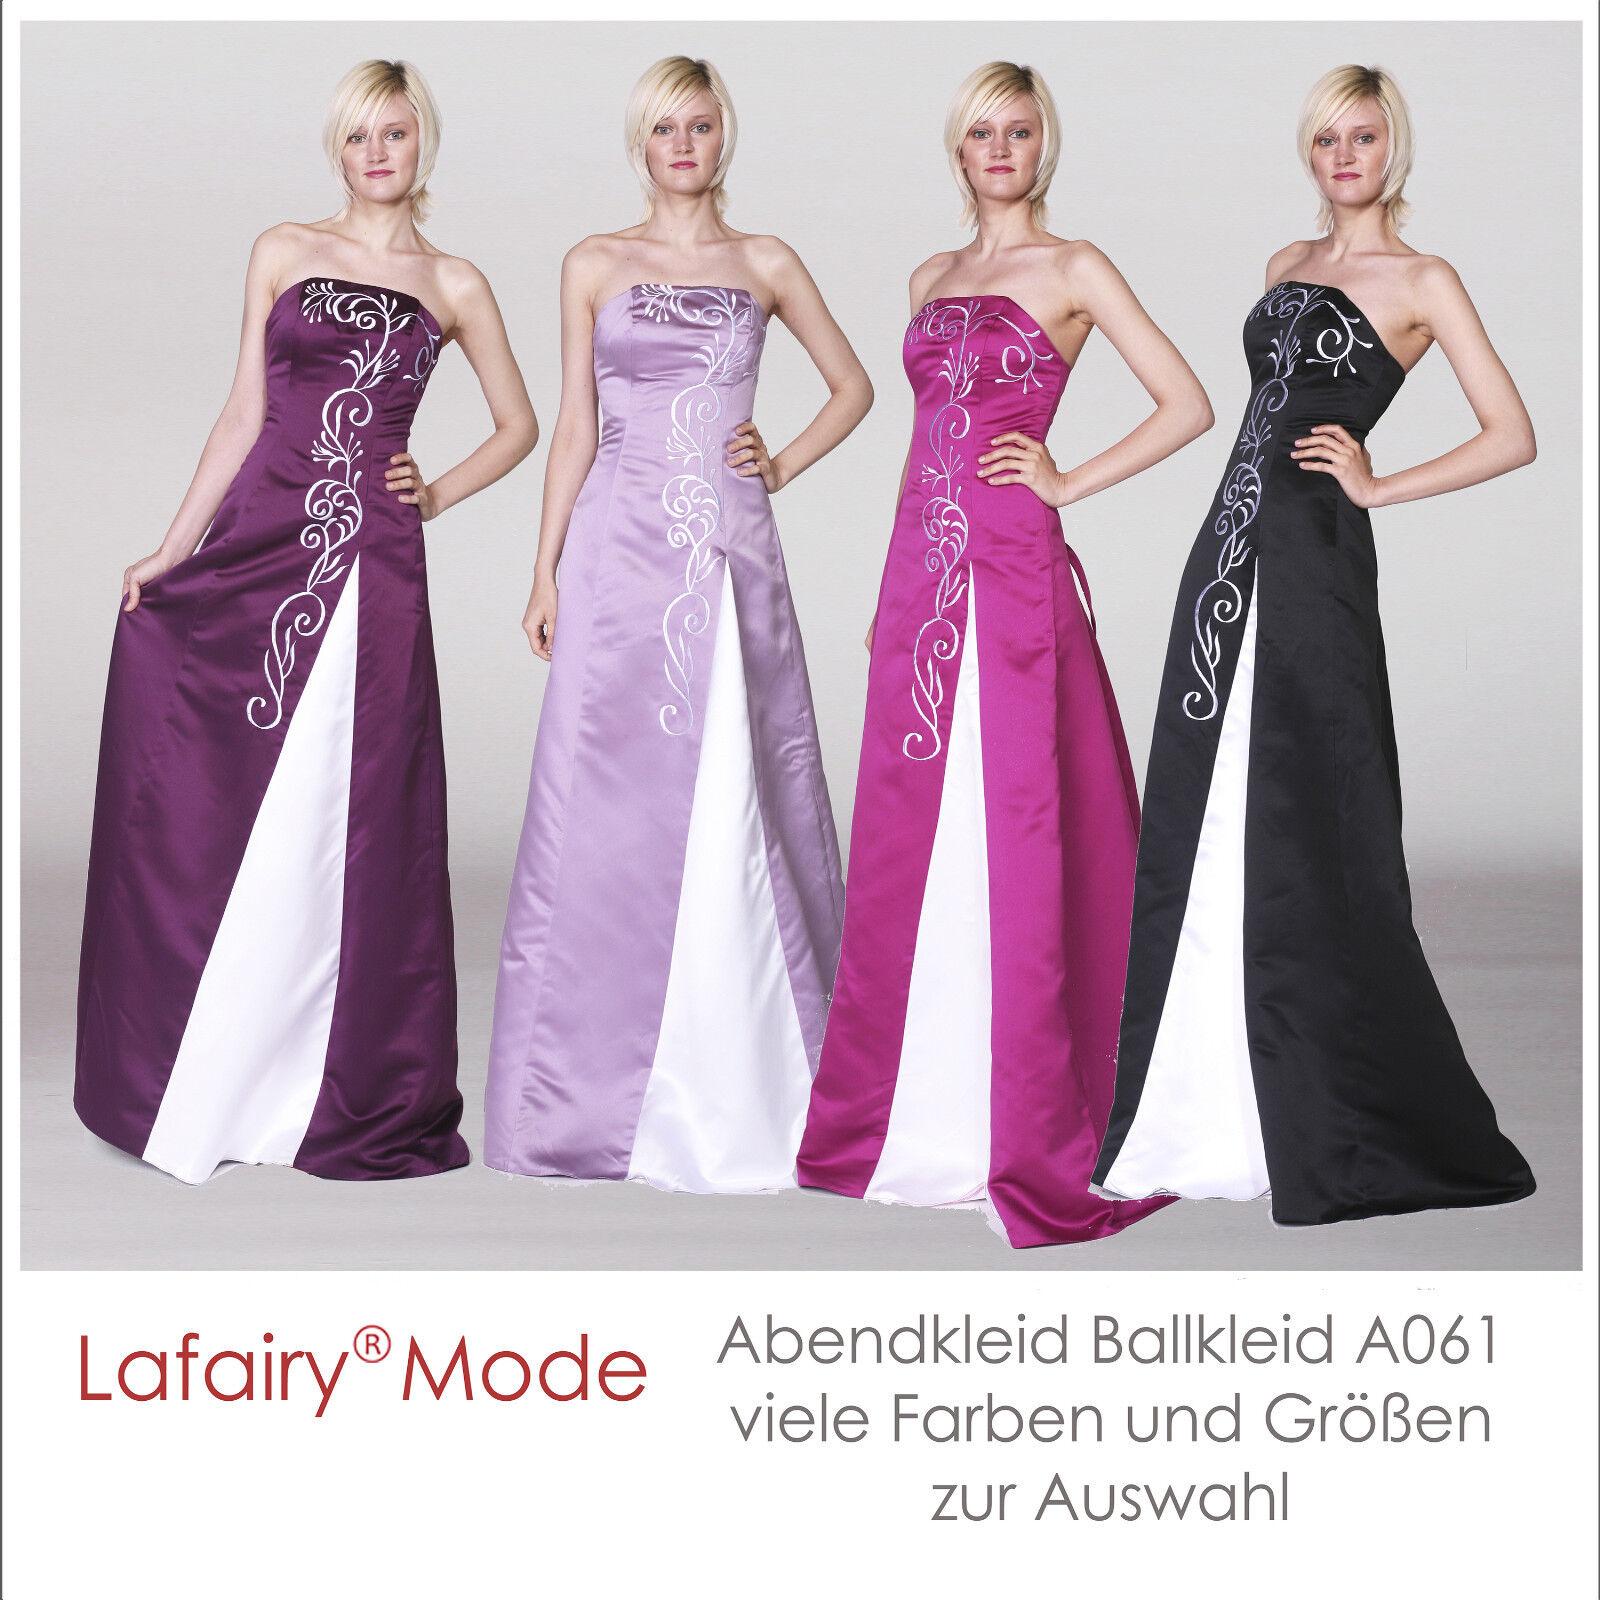 Abendkleid Cocktailkleid Ballkleid Brautjungfern viele Farben Größen von lafairy